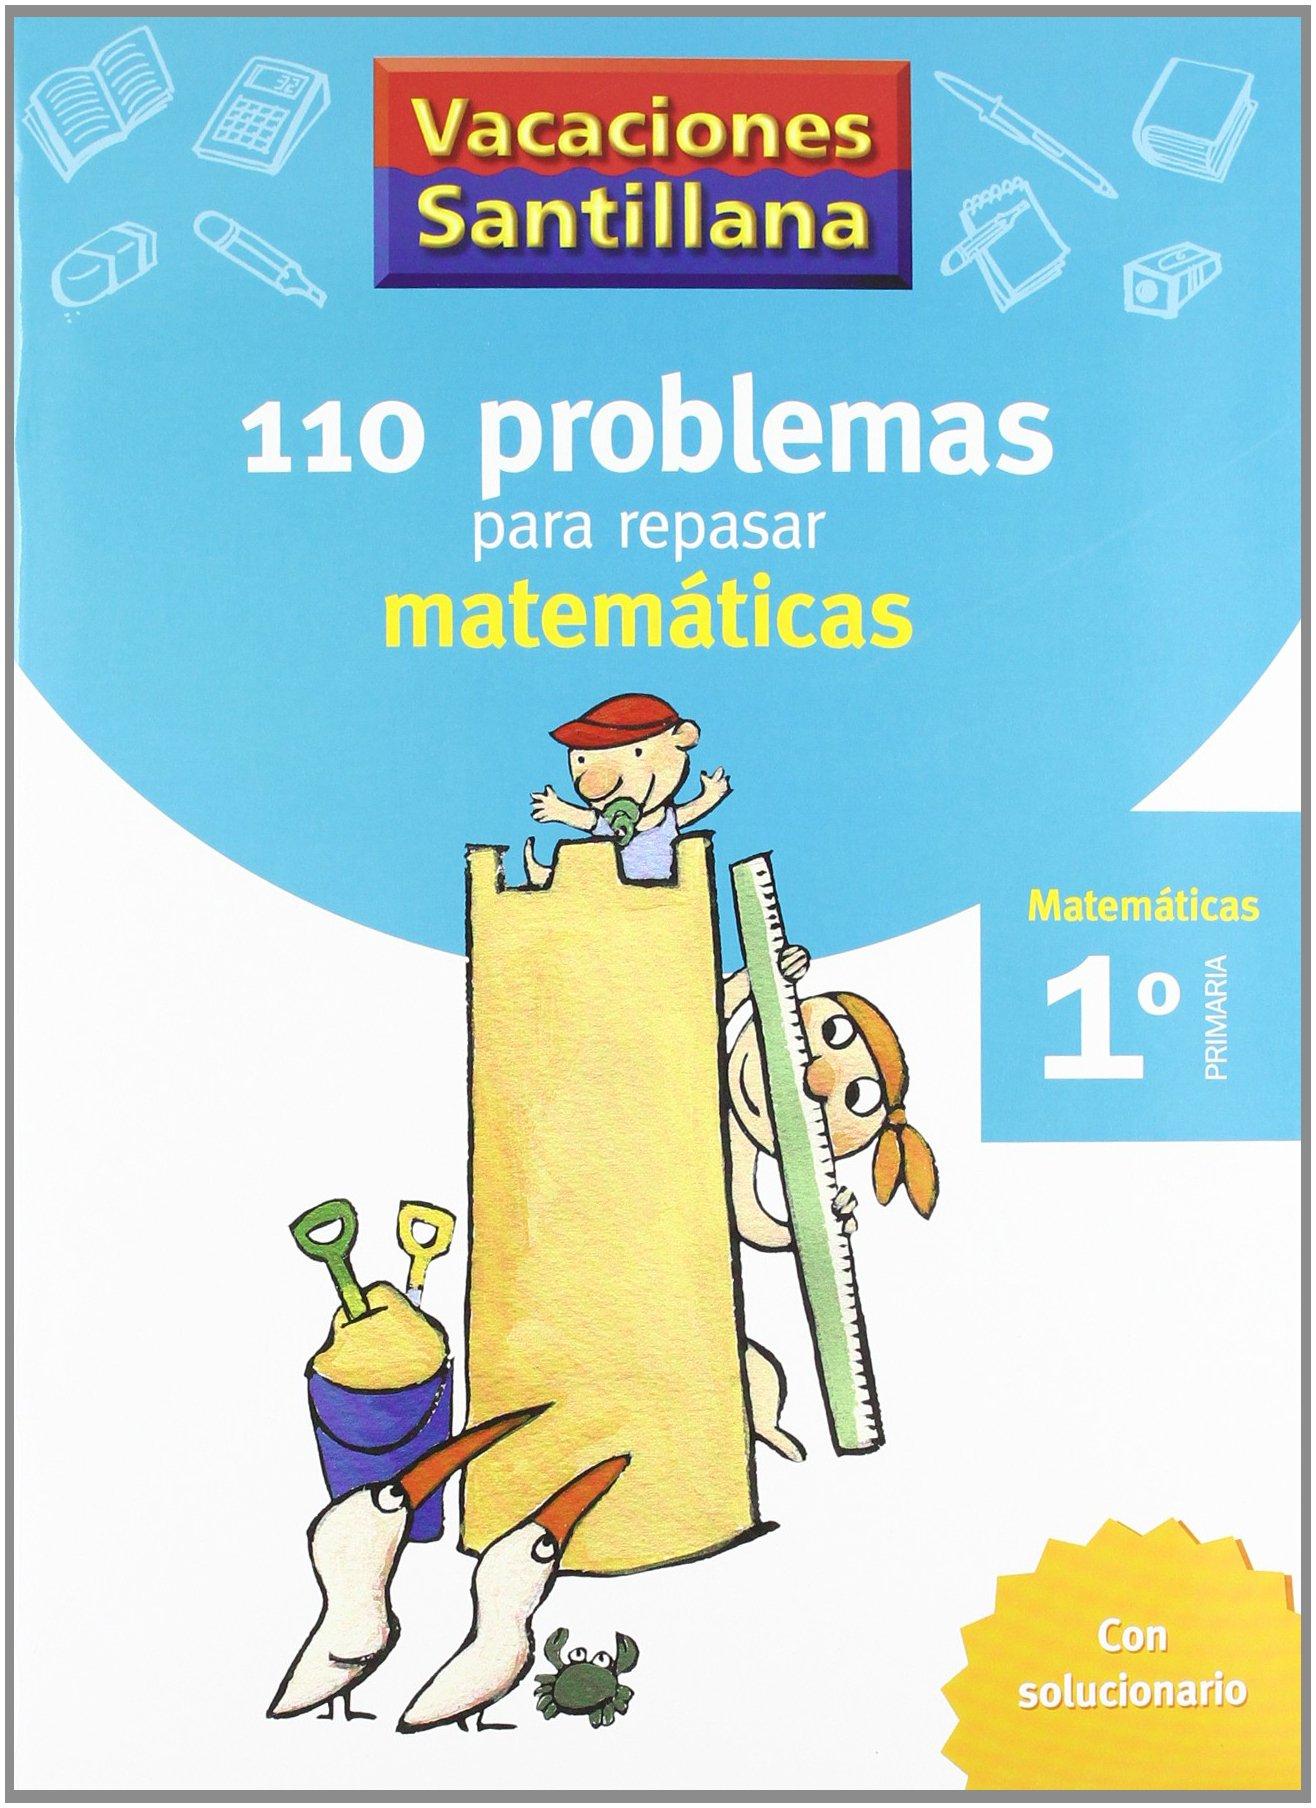 Vacaciones Santillana, Cuaderno para Matemáticas, Educación Primaria:  Amazon.es: Mercedes Gabin: Libros